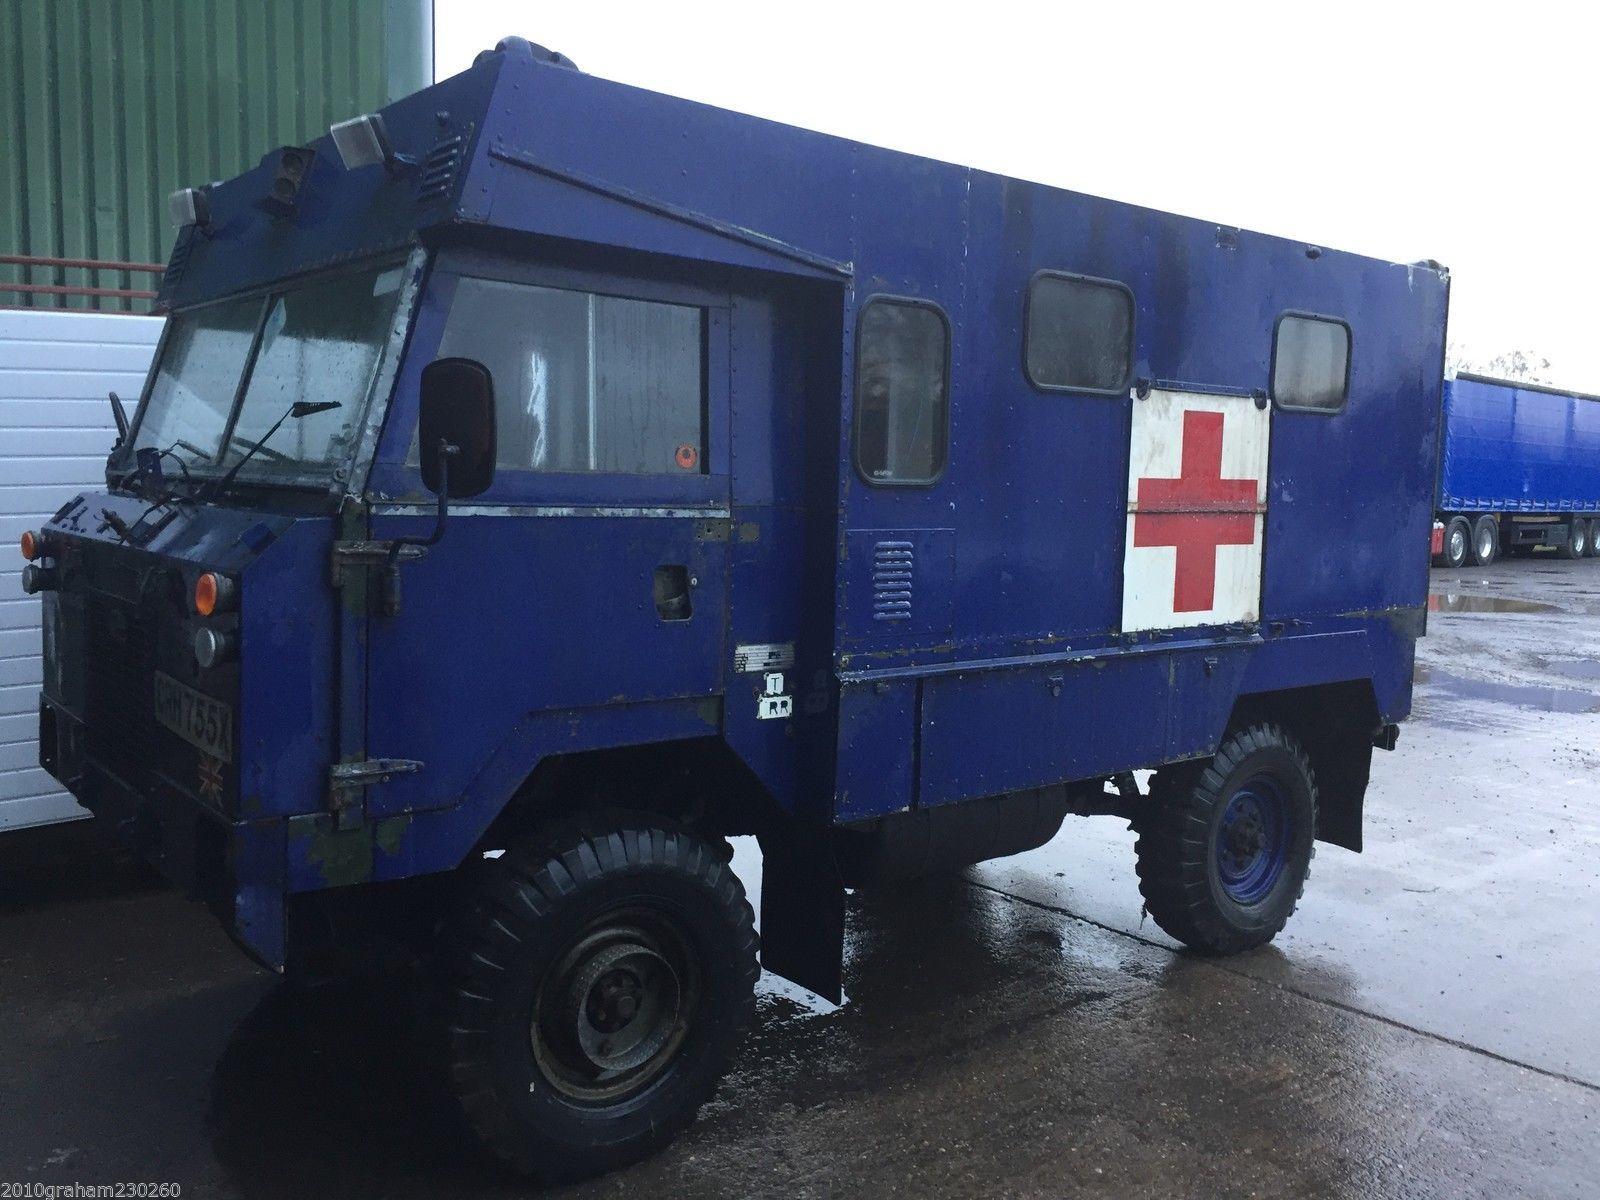 LAND ROVER 101 forward control ex ambulance RHD 12V